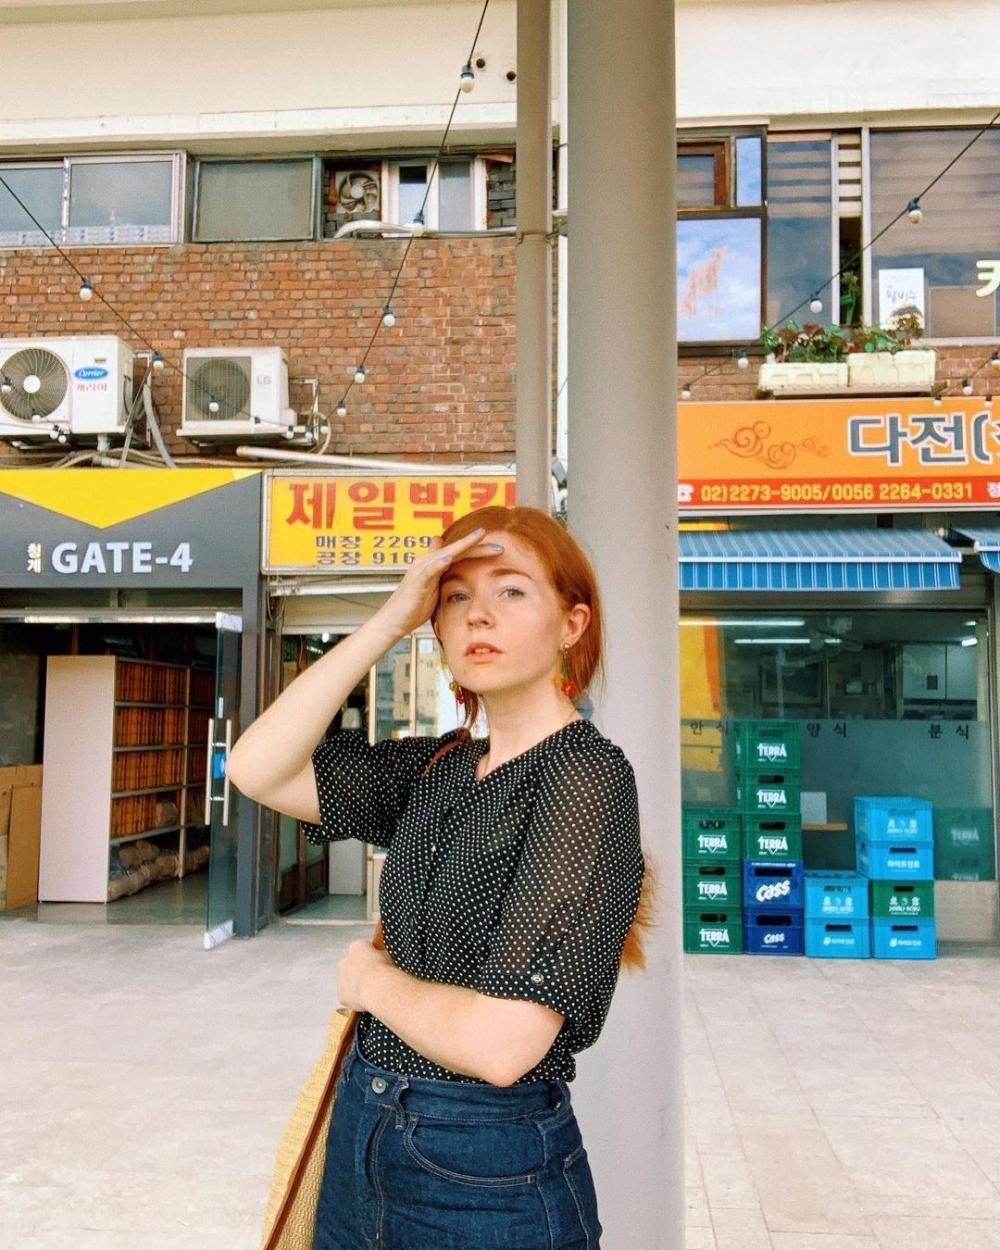 因為來到韓國留學,而愛上首爾的美國人